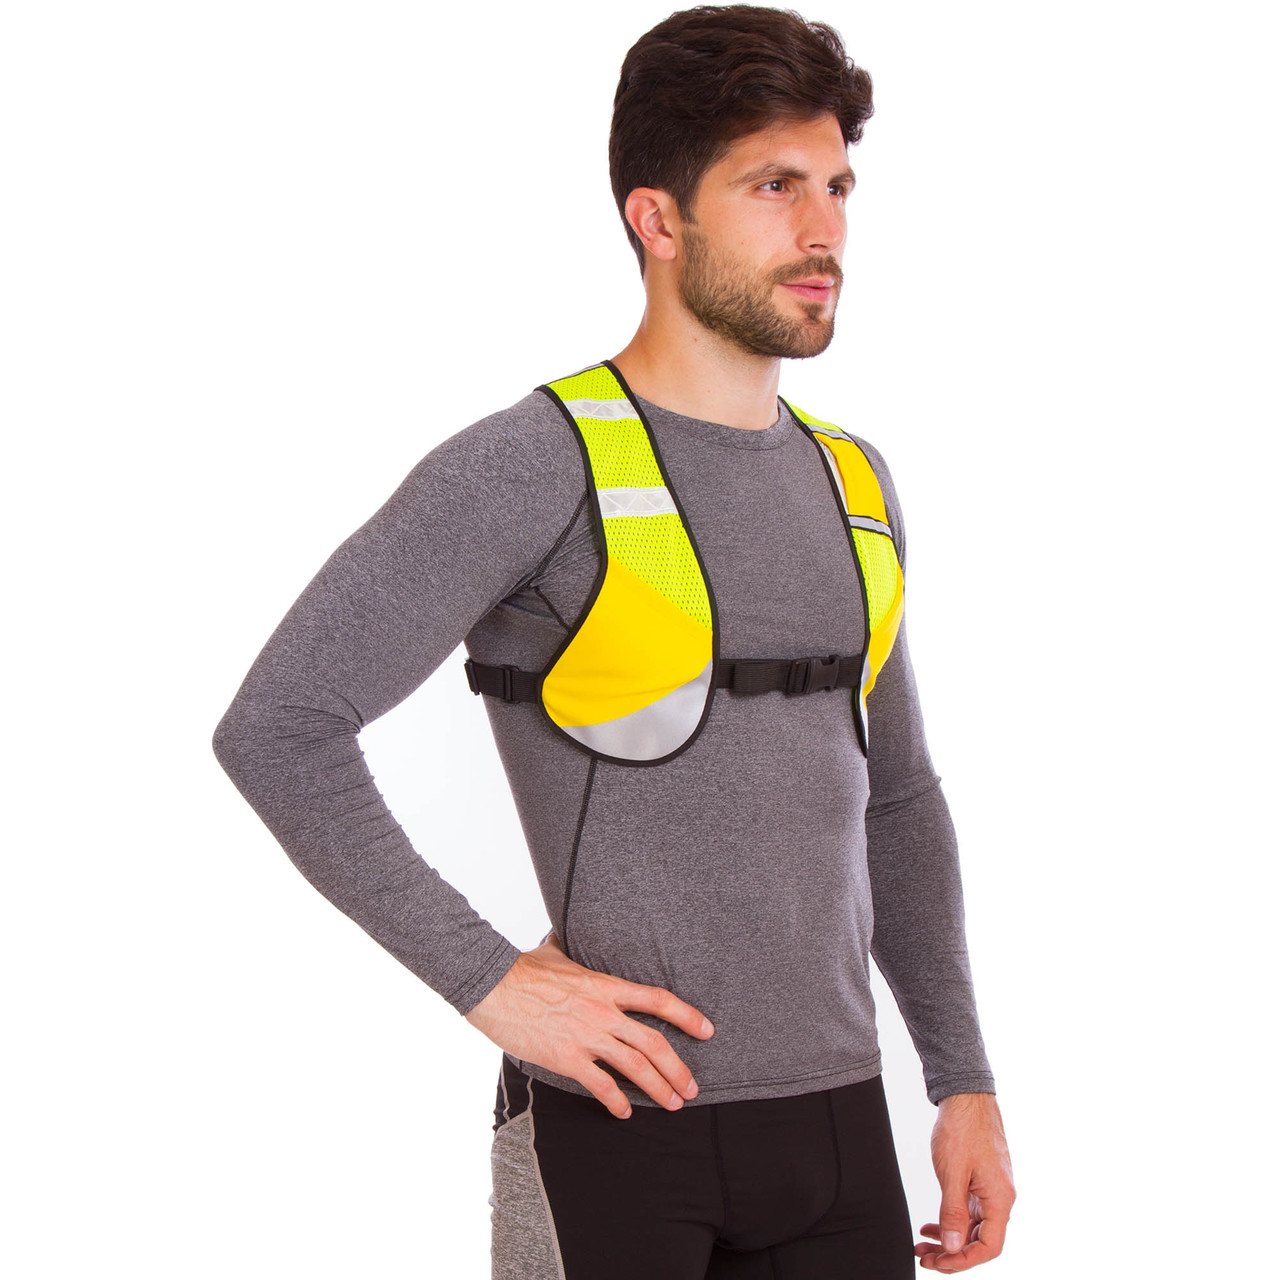 Жилет светоотражающий с карманом для прогулок и тренировок в темное время суток (с ремнем, полиэстер, цвета в